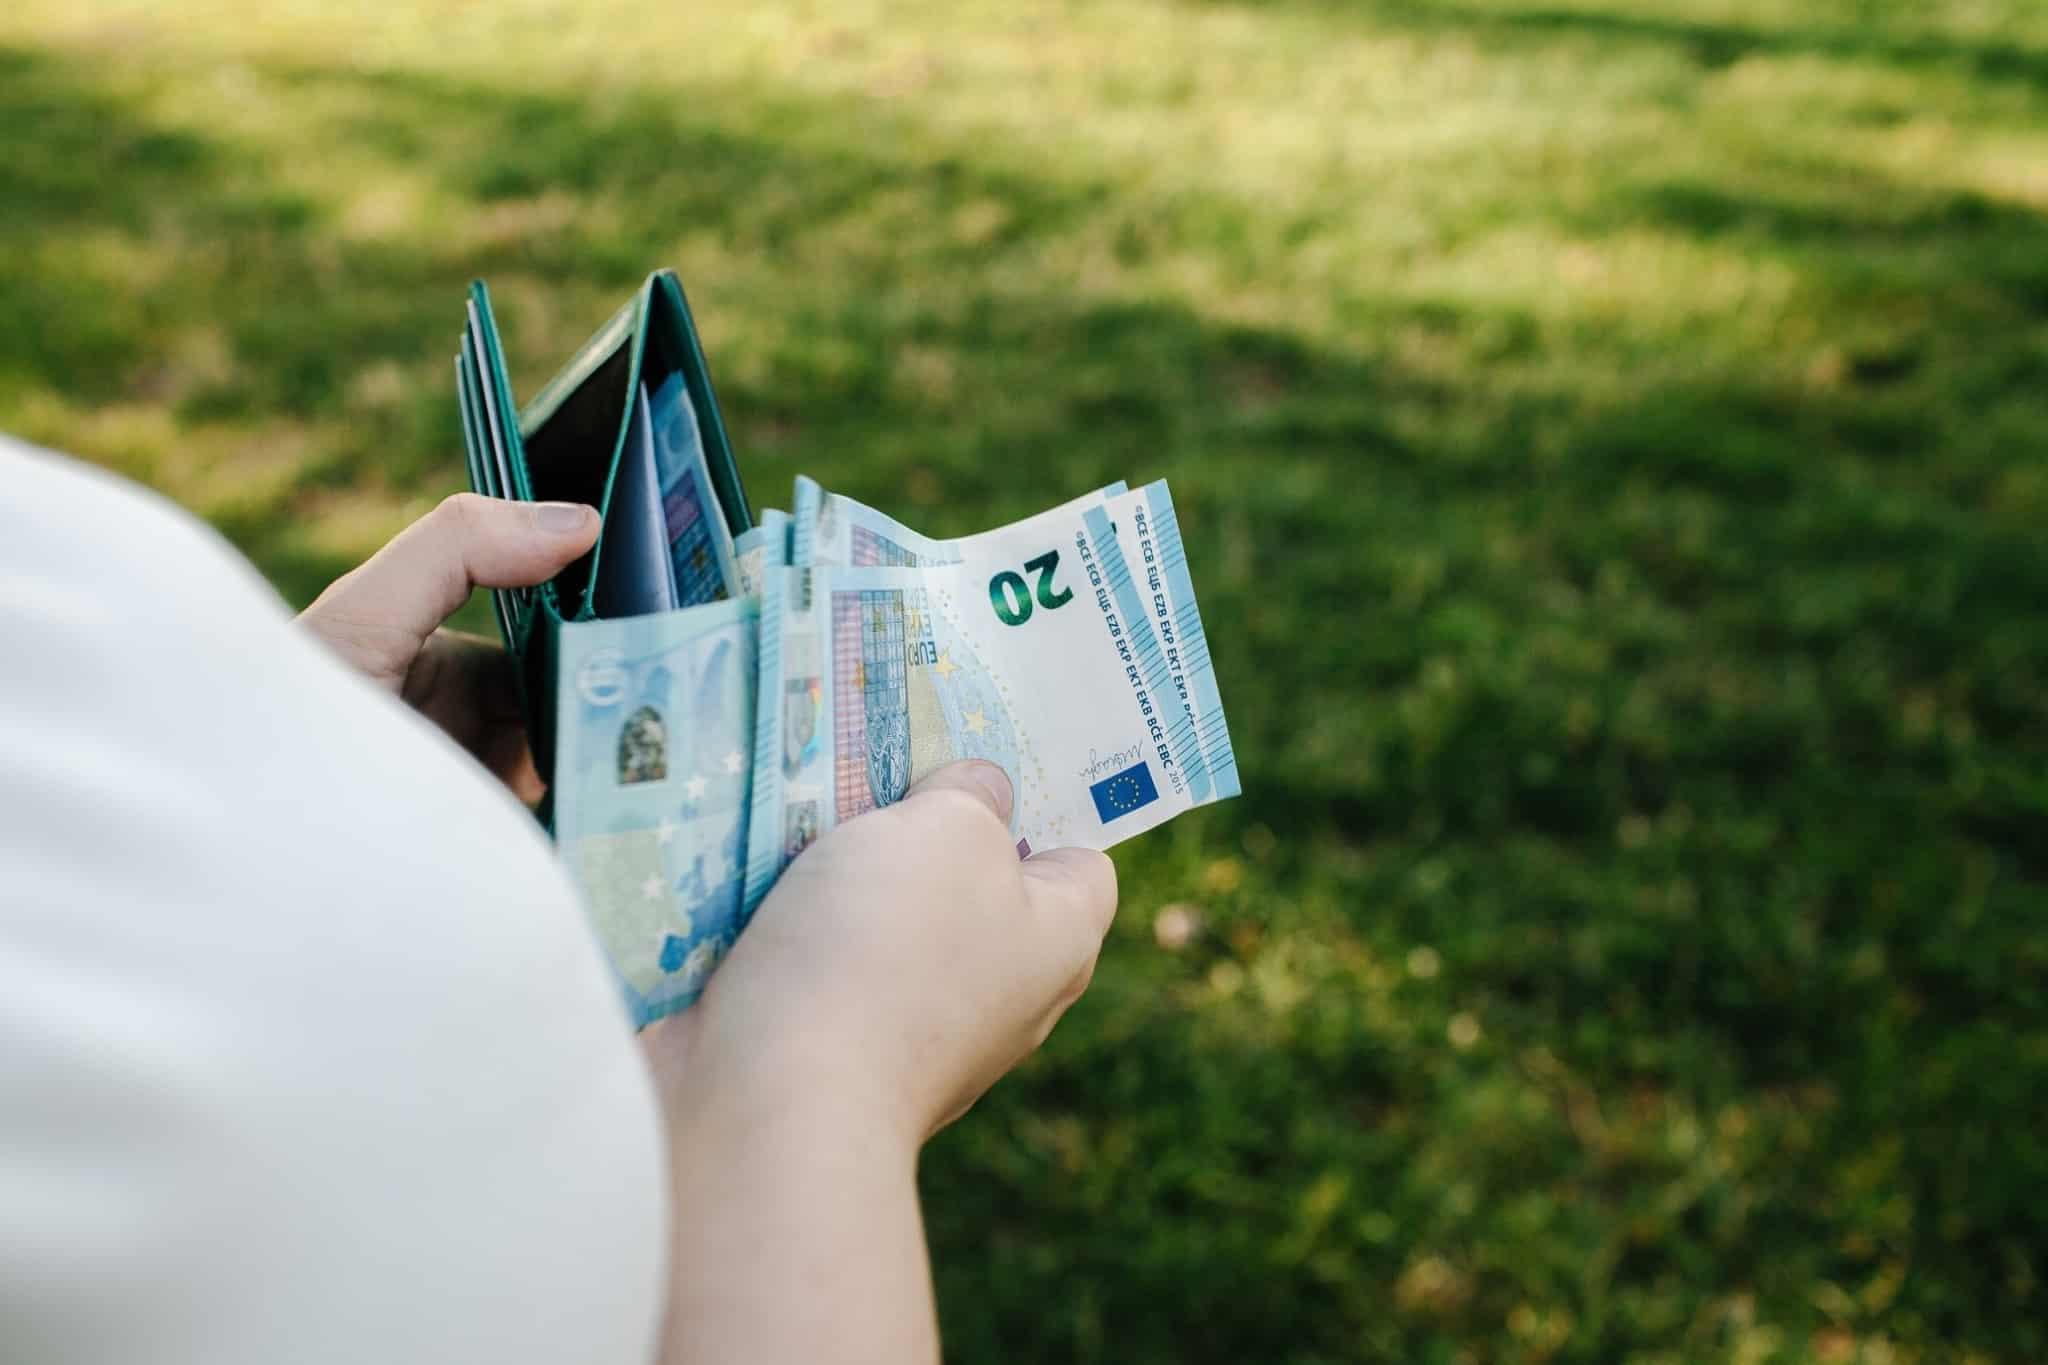 pessoa a tirar notas de vinte euros da carteira